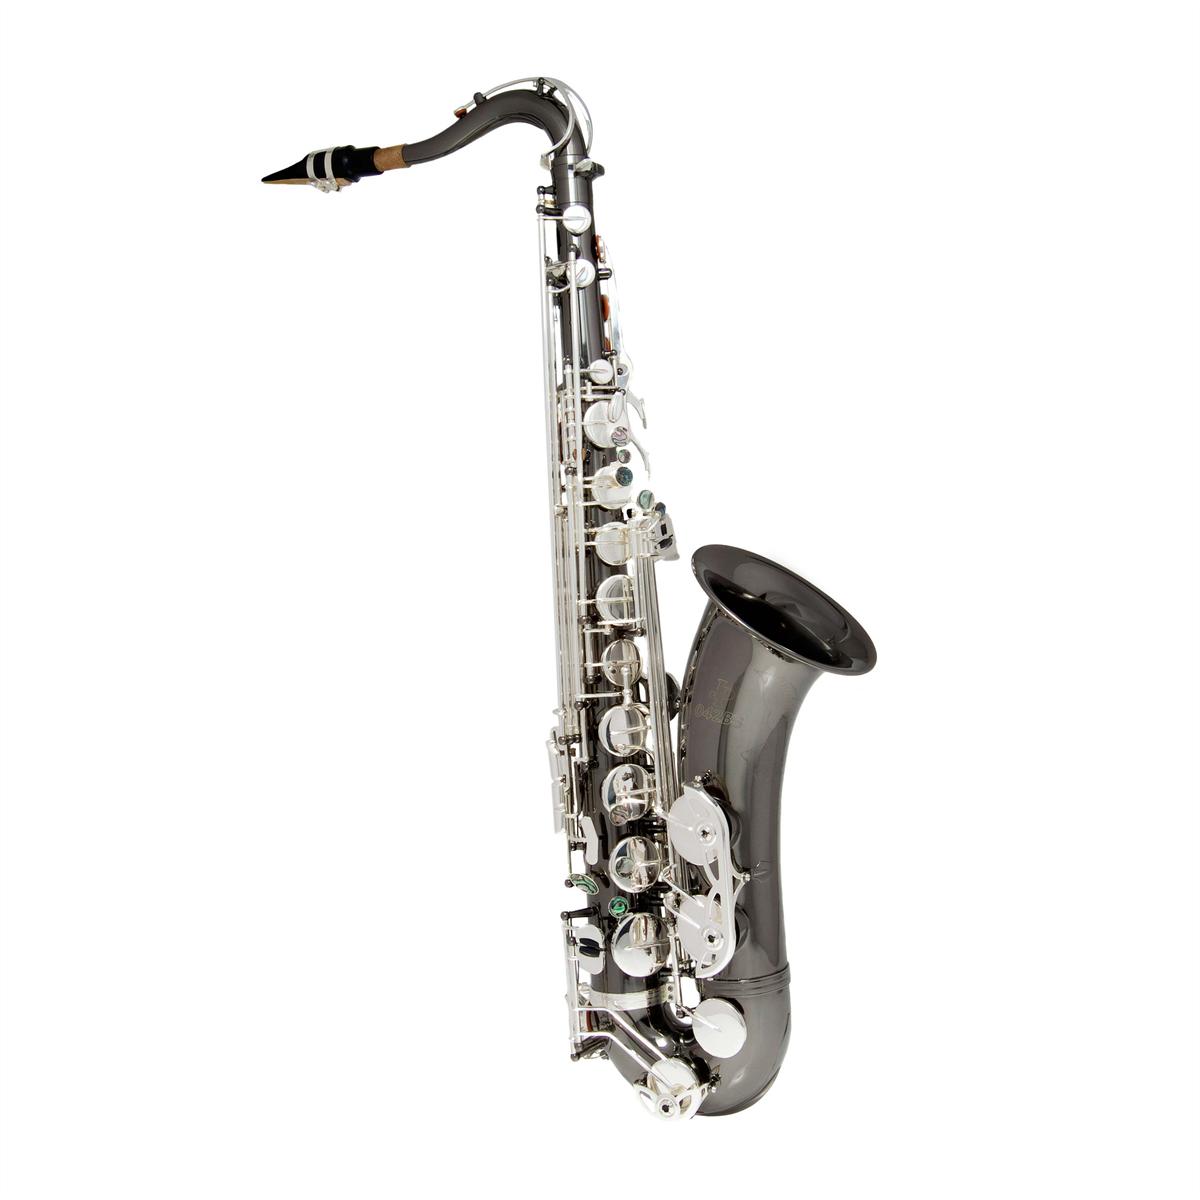 John Packer Tenor Saxofoon JP042BS - Uitvoering: Zwart/Zilver